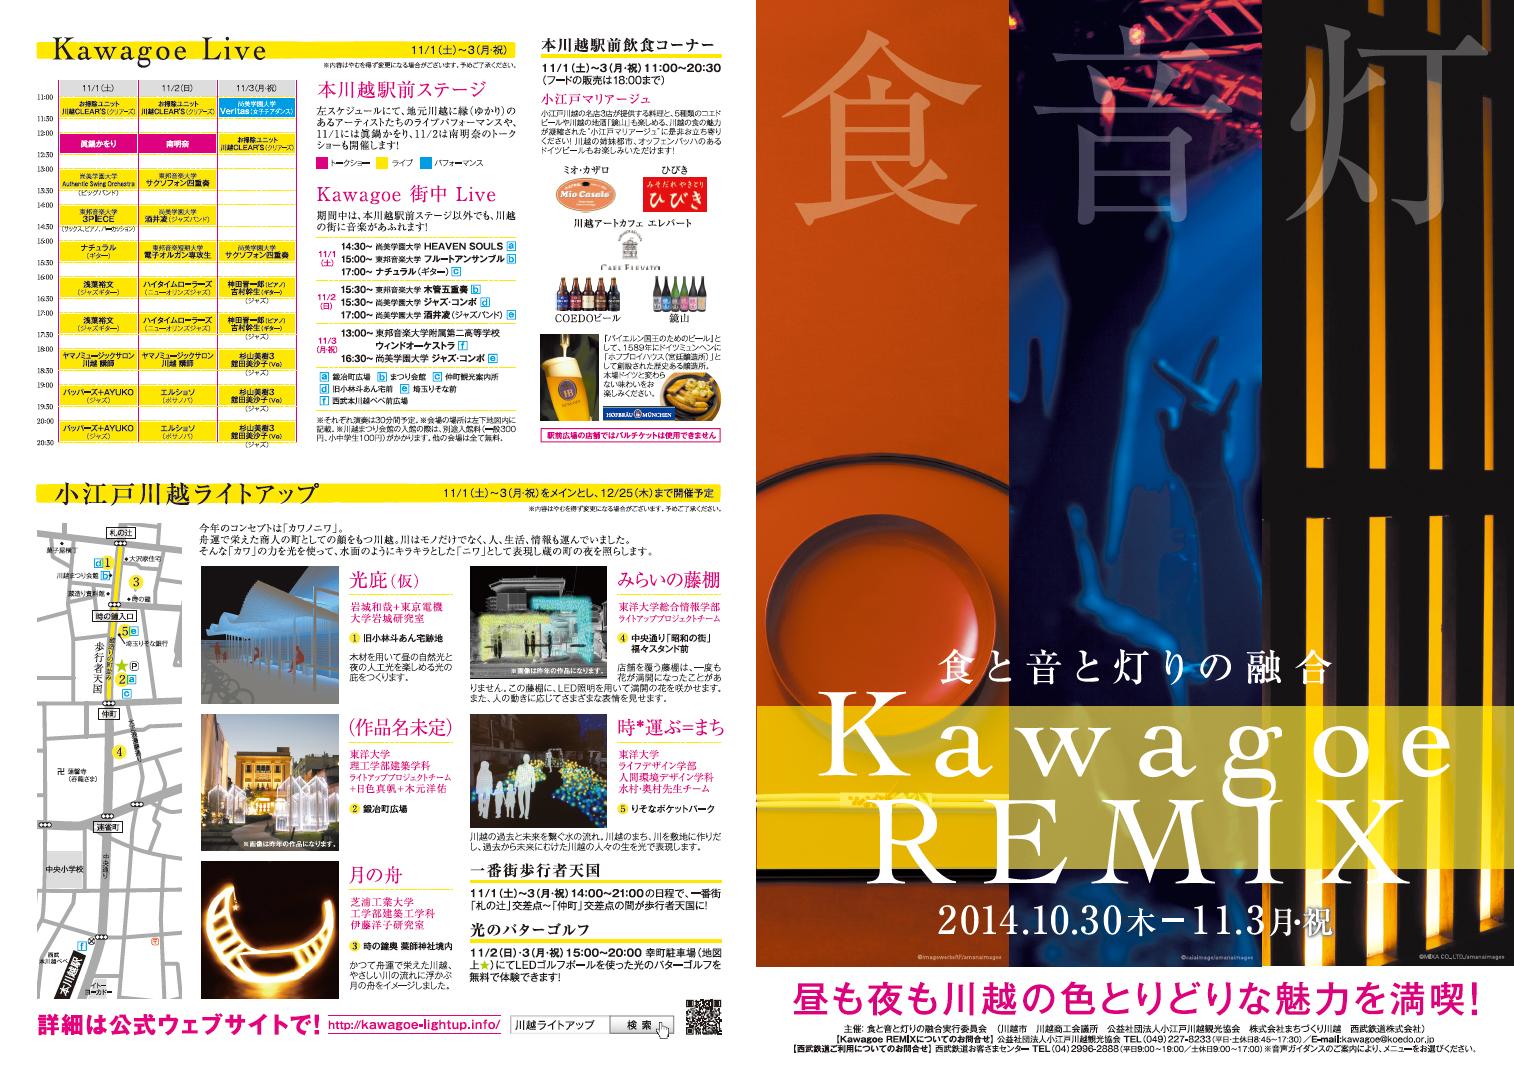 Kawagoe REMIX